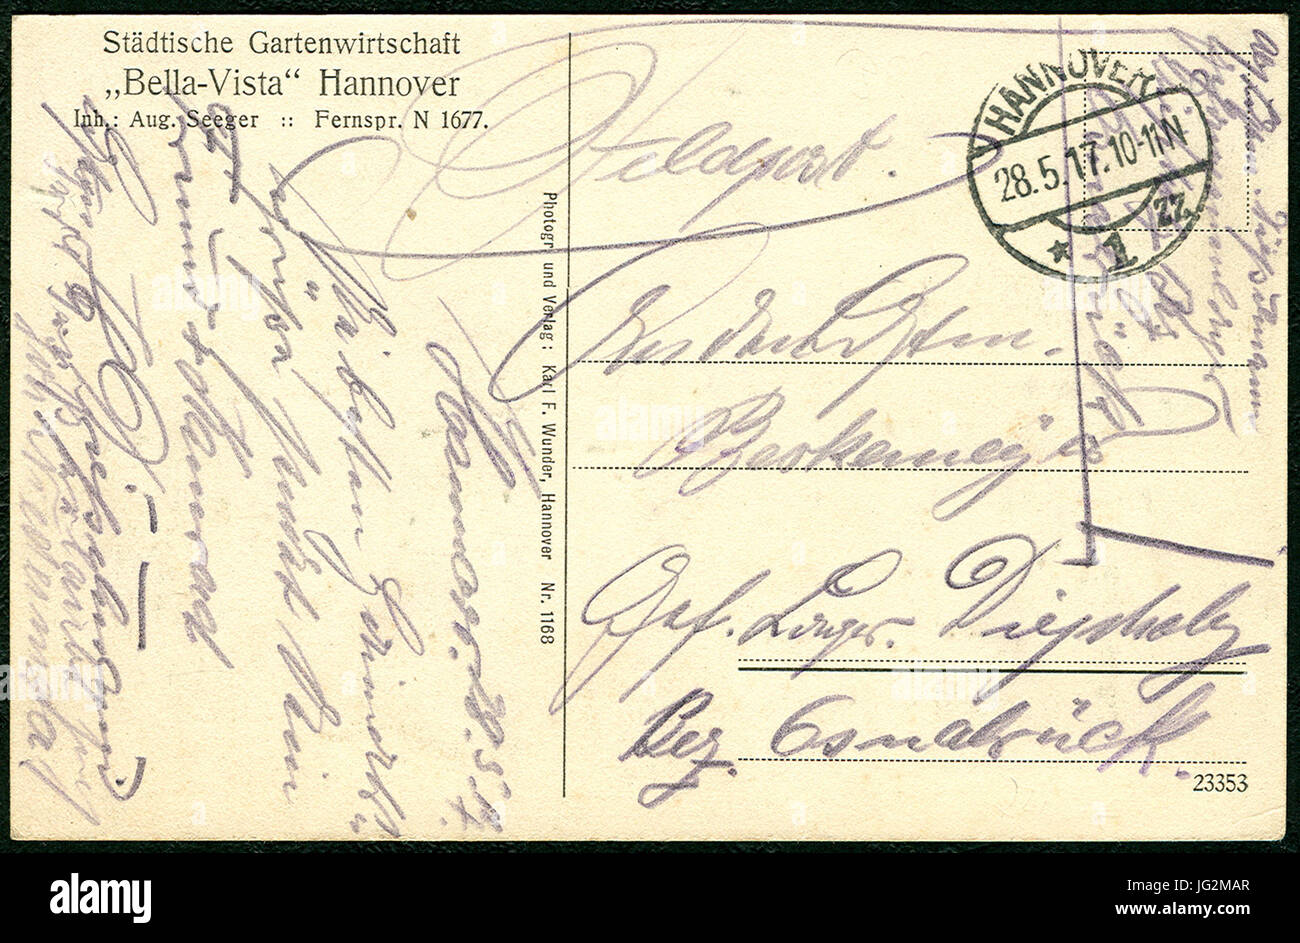 Karl F. Wunder PC 1168 Städtische Gartenwirtschaft  Bella-Vista  Hannover Inh. Aug. Seeger Fernspr. N 1677 - Stock Image